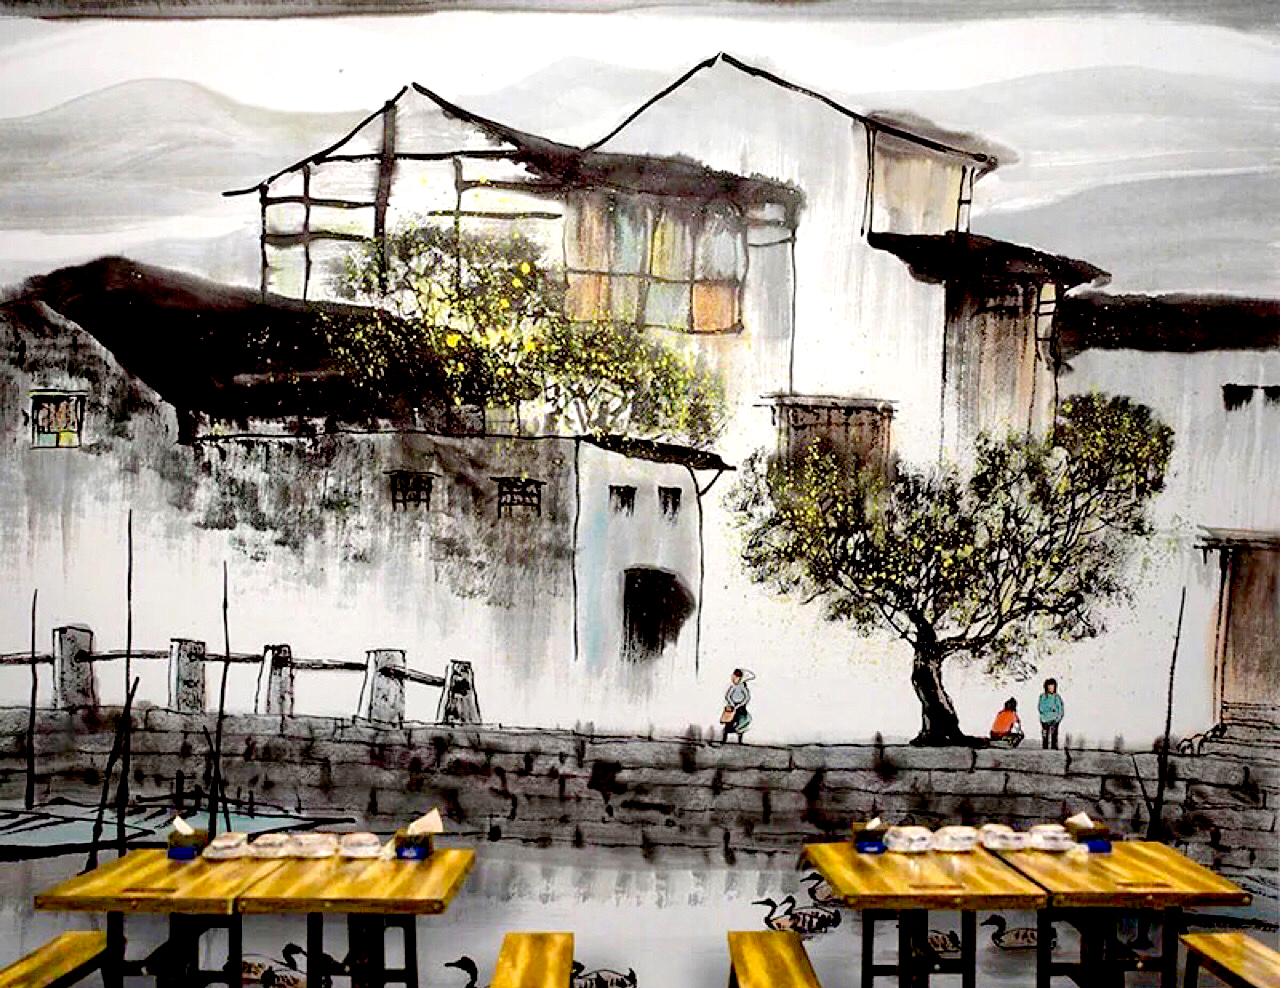 上海持凡墙体彩绘专业提供餐厅彩绘服务